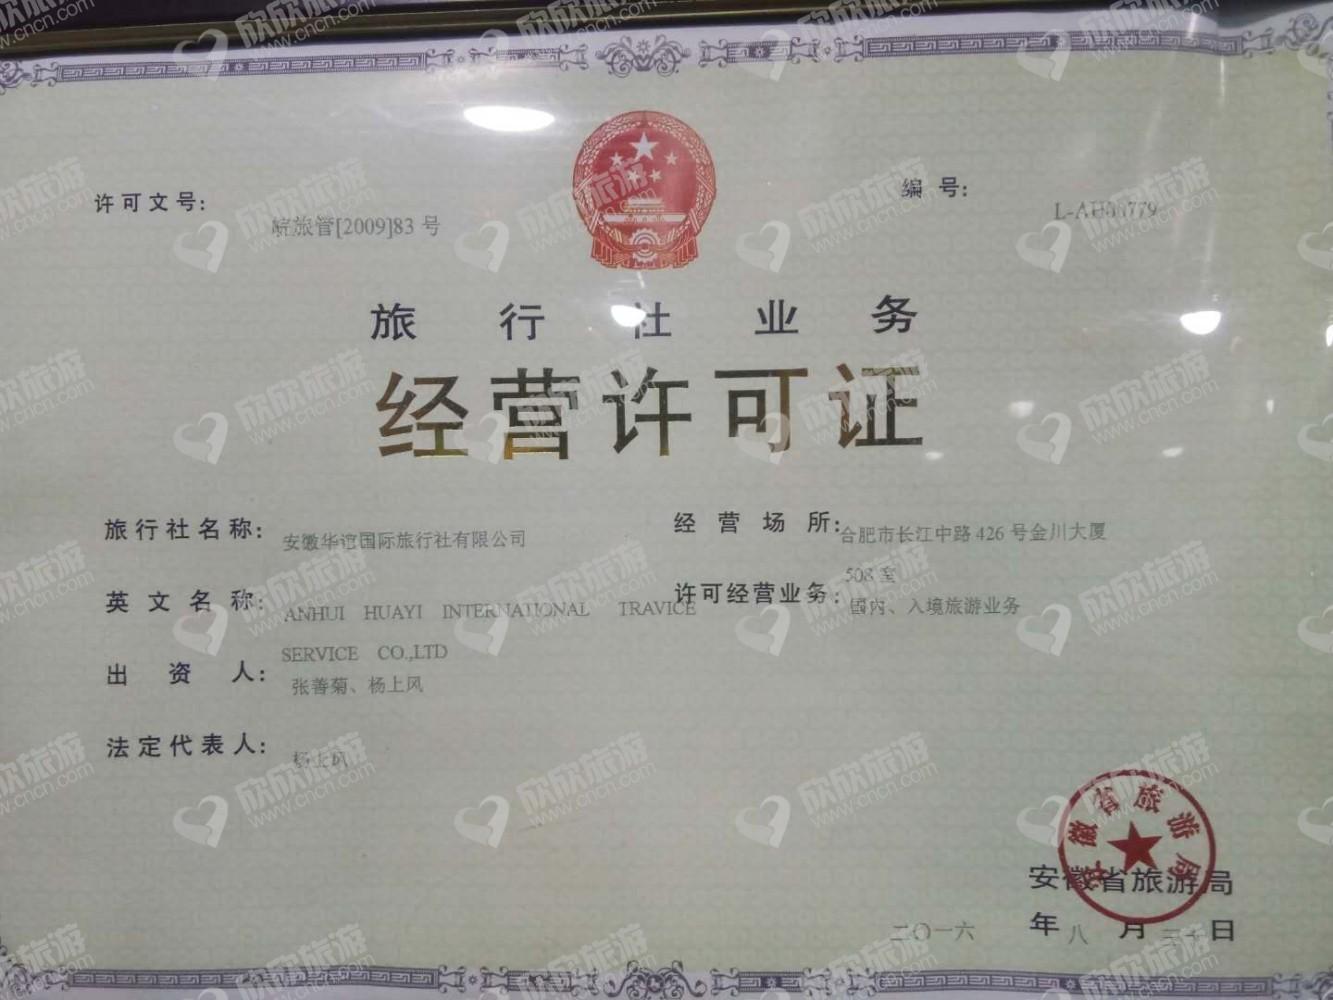 安徽华谊国际旅行社有限公司经营许可证